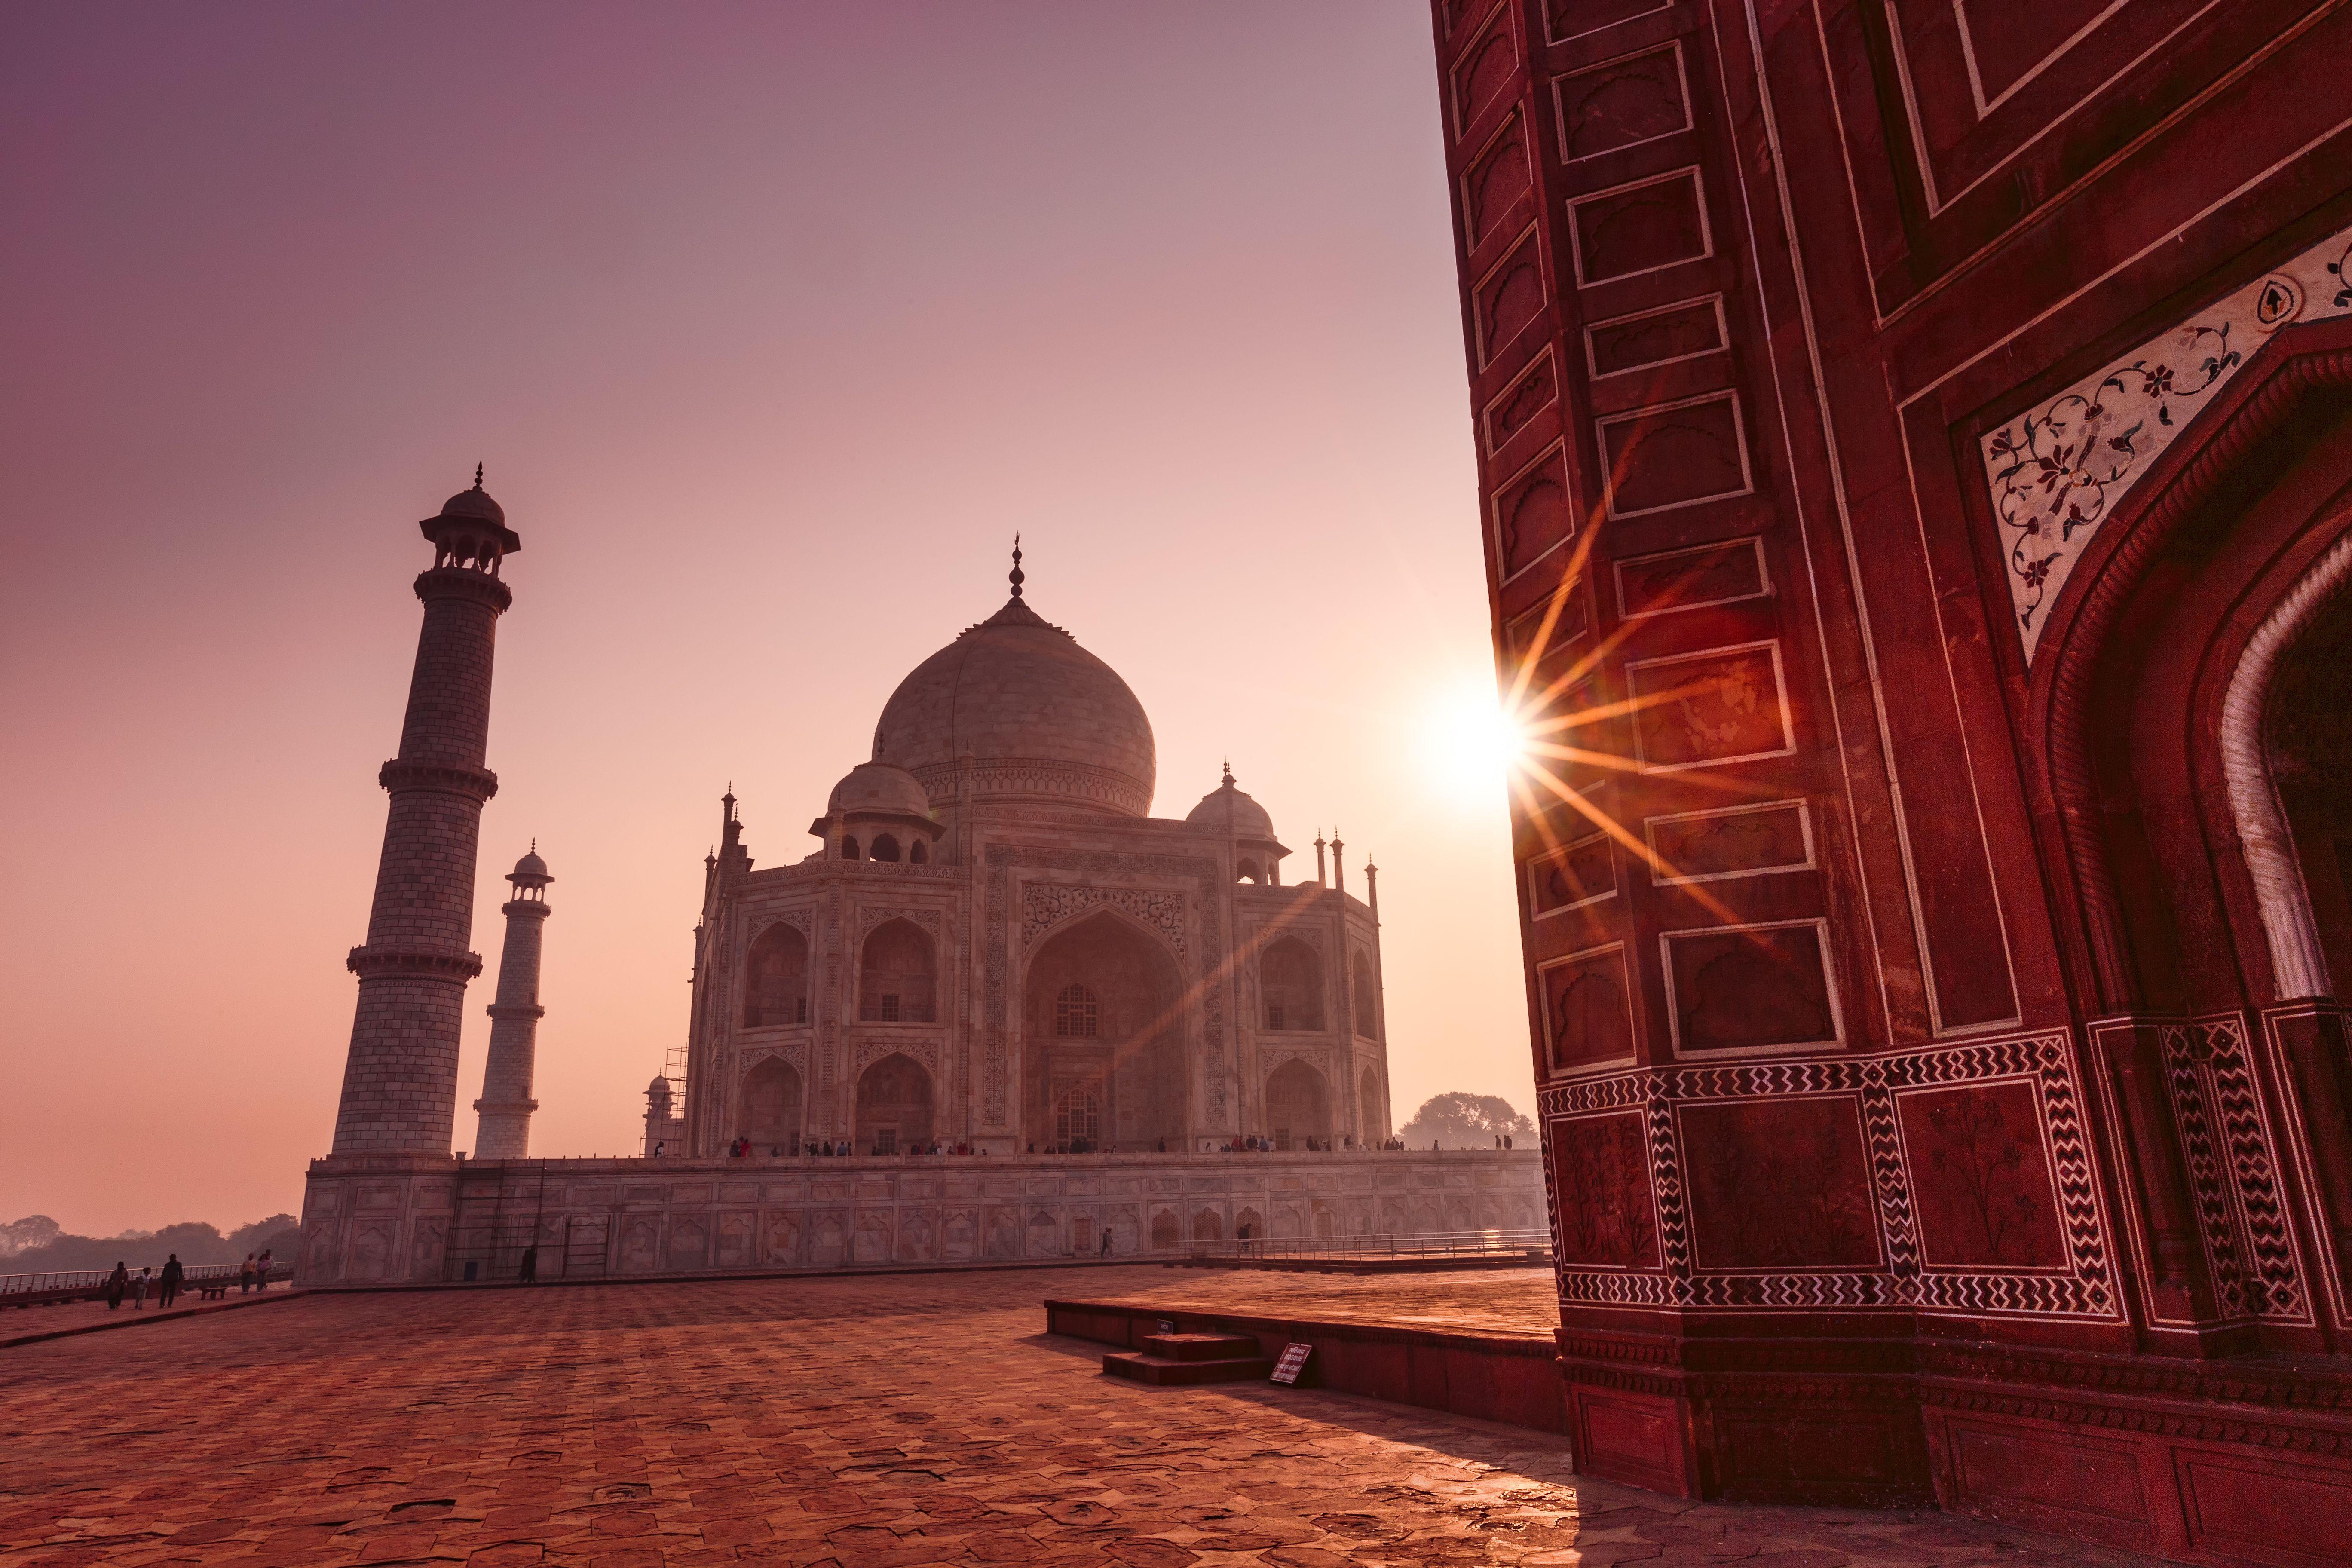 The sun behind the Taj Mahal in India